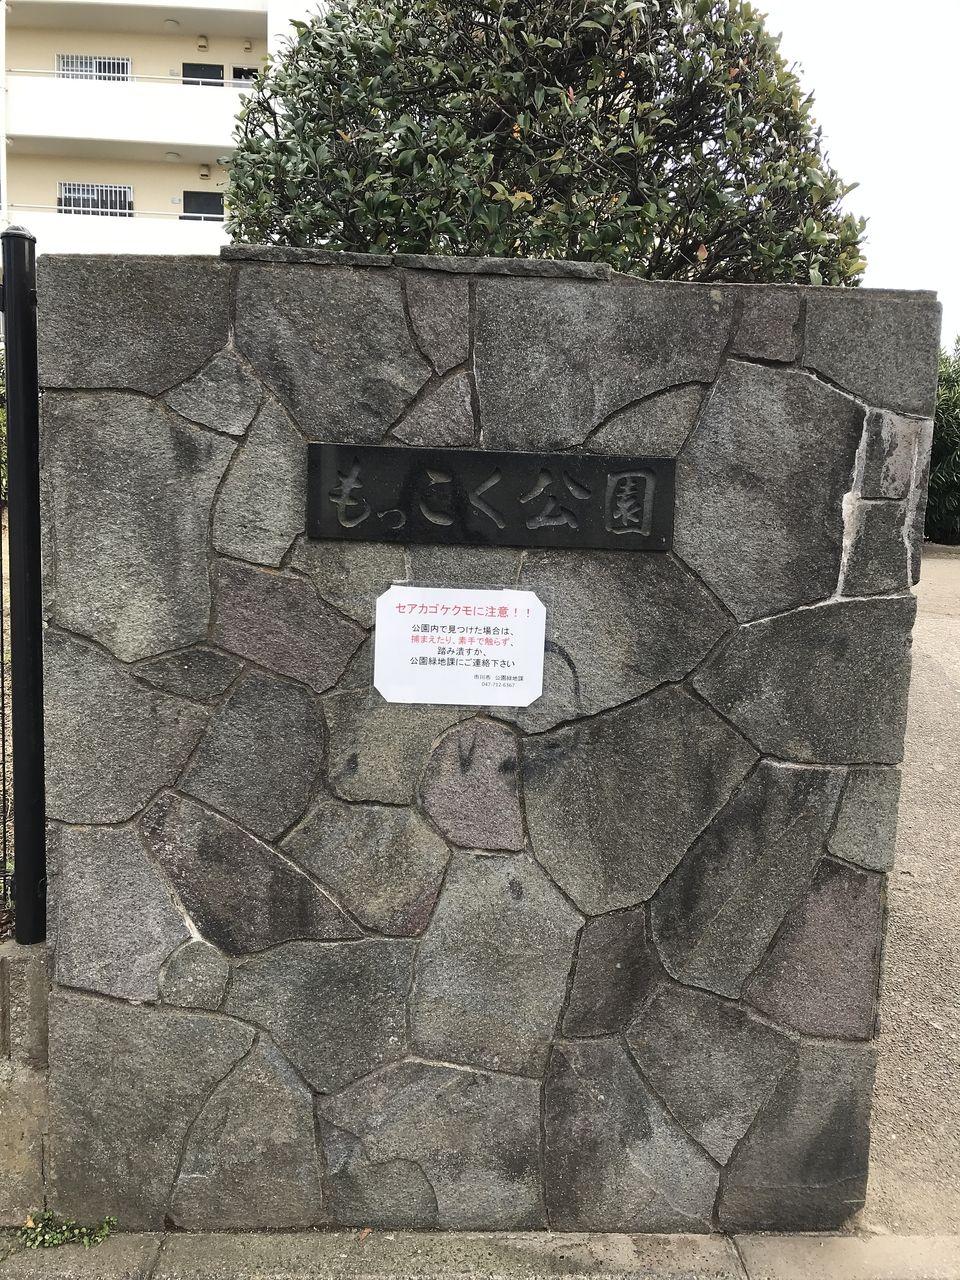 妙典のもっこく公園の看板